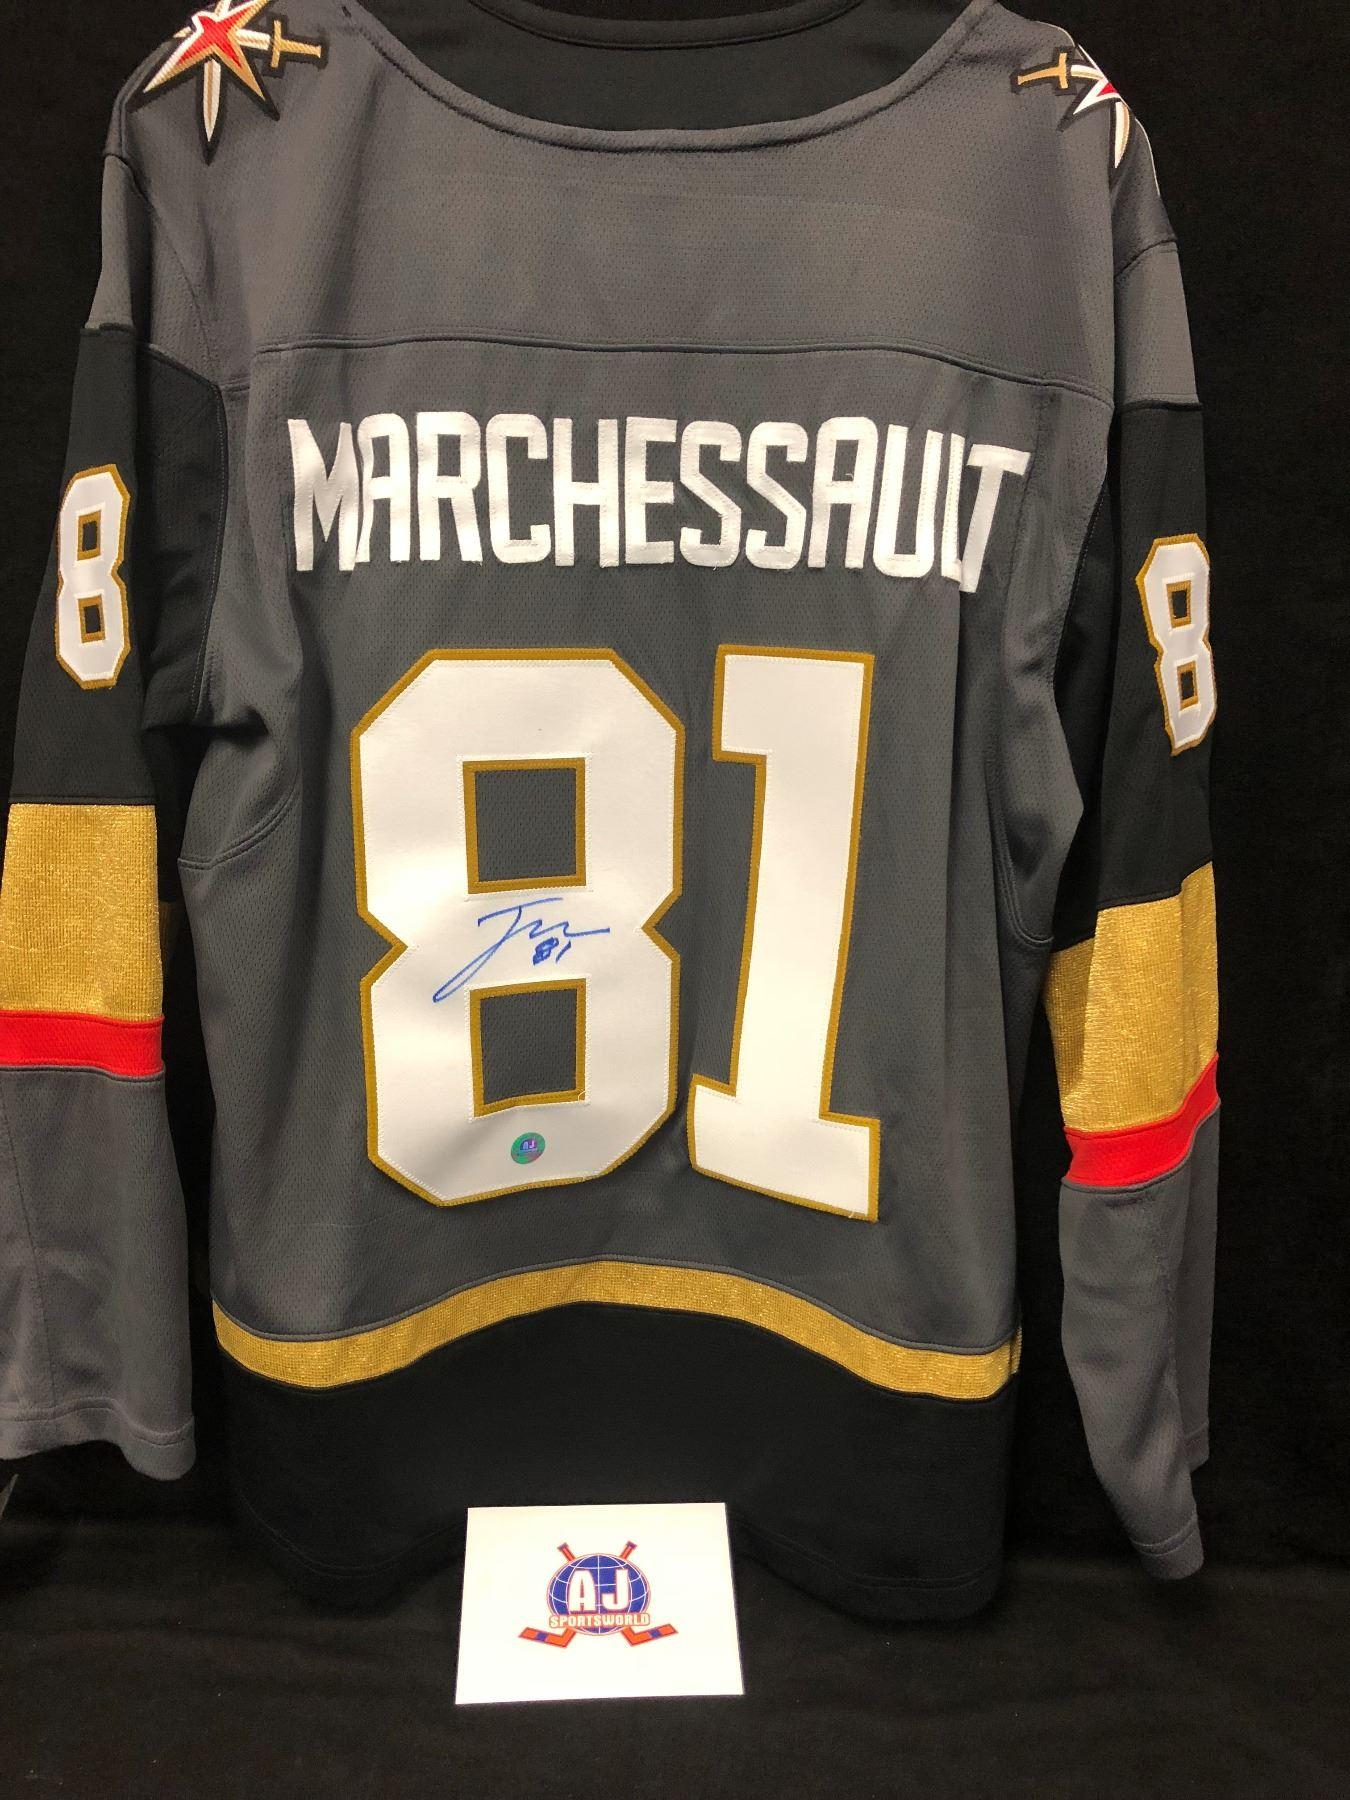 detailing 515d1 8709d Jonathan Marchessault Signed Golden Knights Hockey Jersey W/ A.J  SPORTSWORLD COA